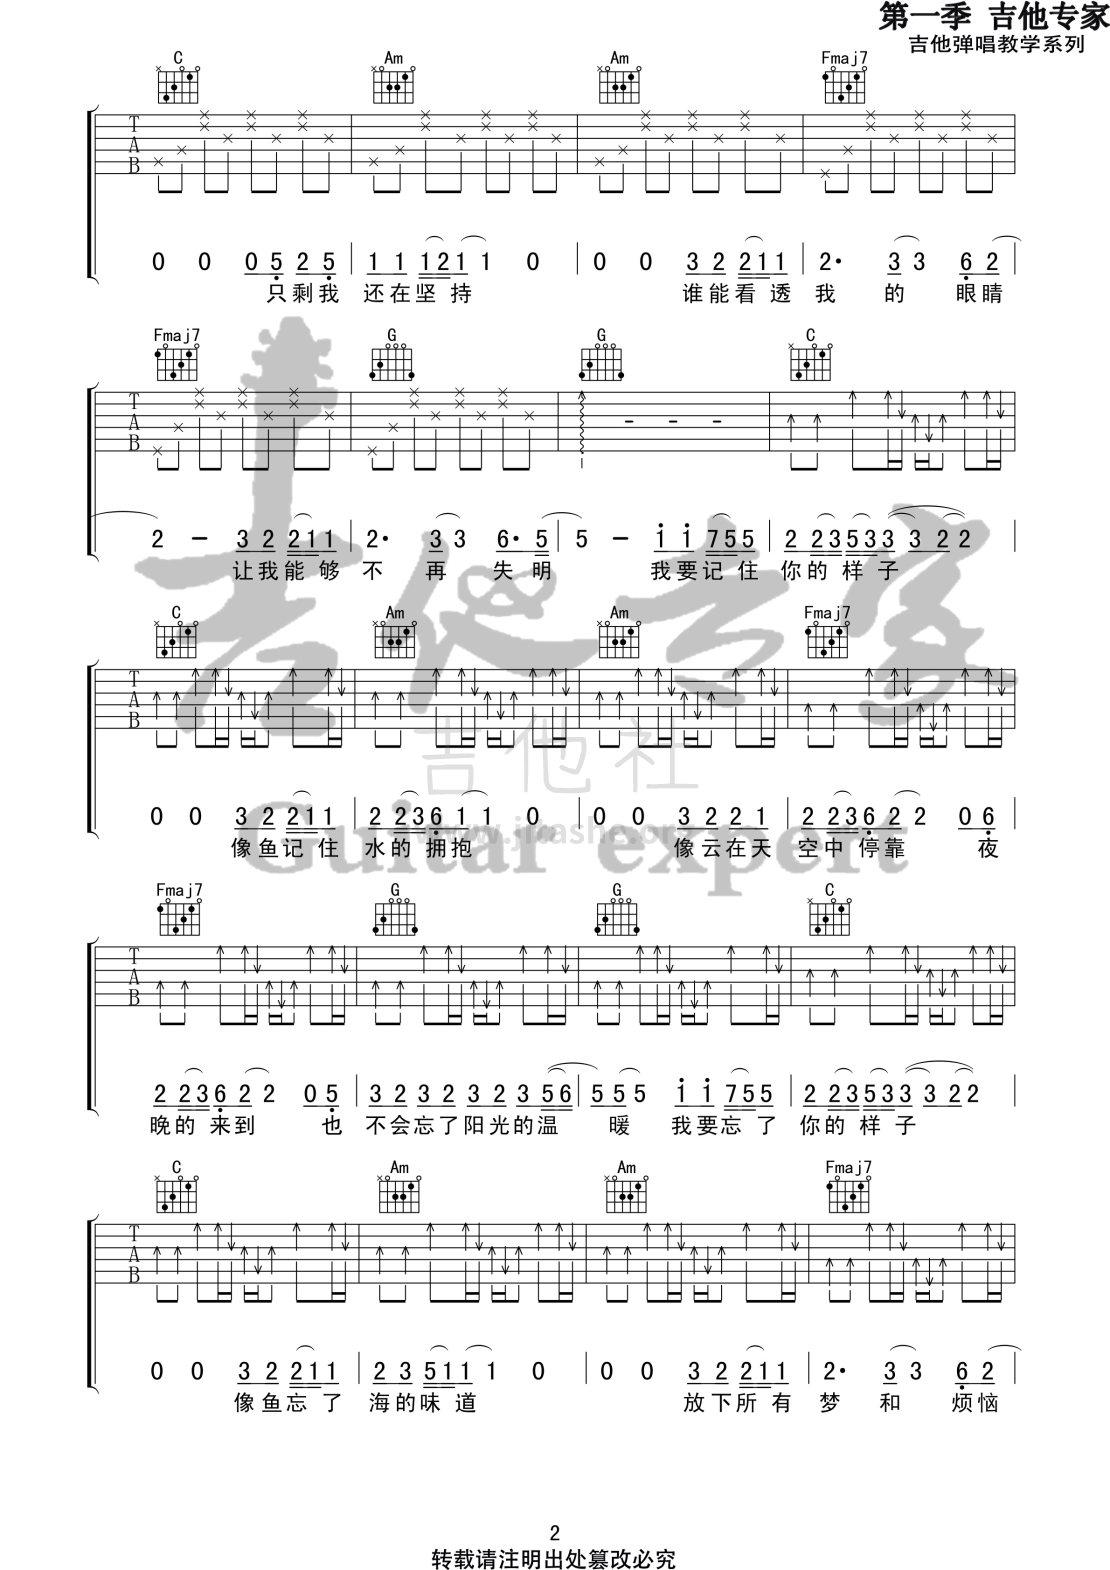 像鱼(音艺吉他专家弹唱教学:第一季第12集)吉他谱(图片谱,弹唱,伴奏,教程)_王贰浪_像鱼2 第一季第十二集.jpg